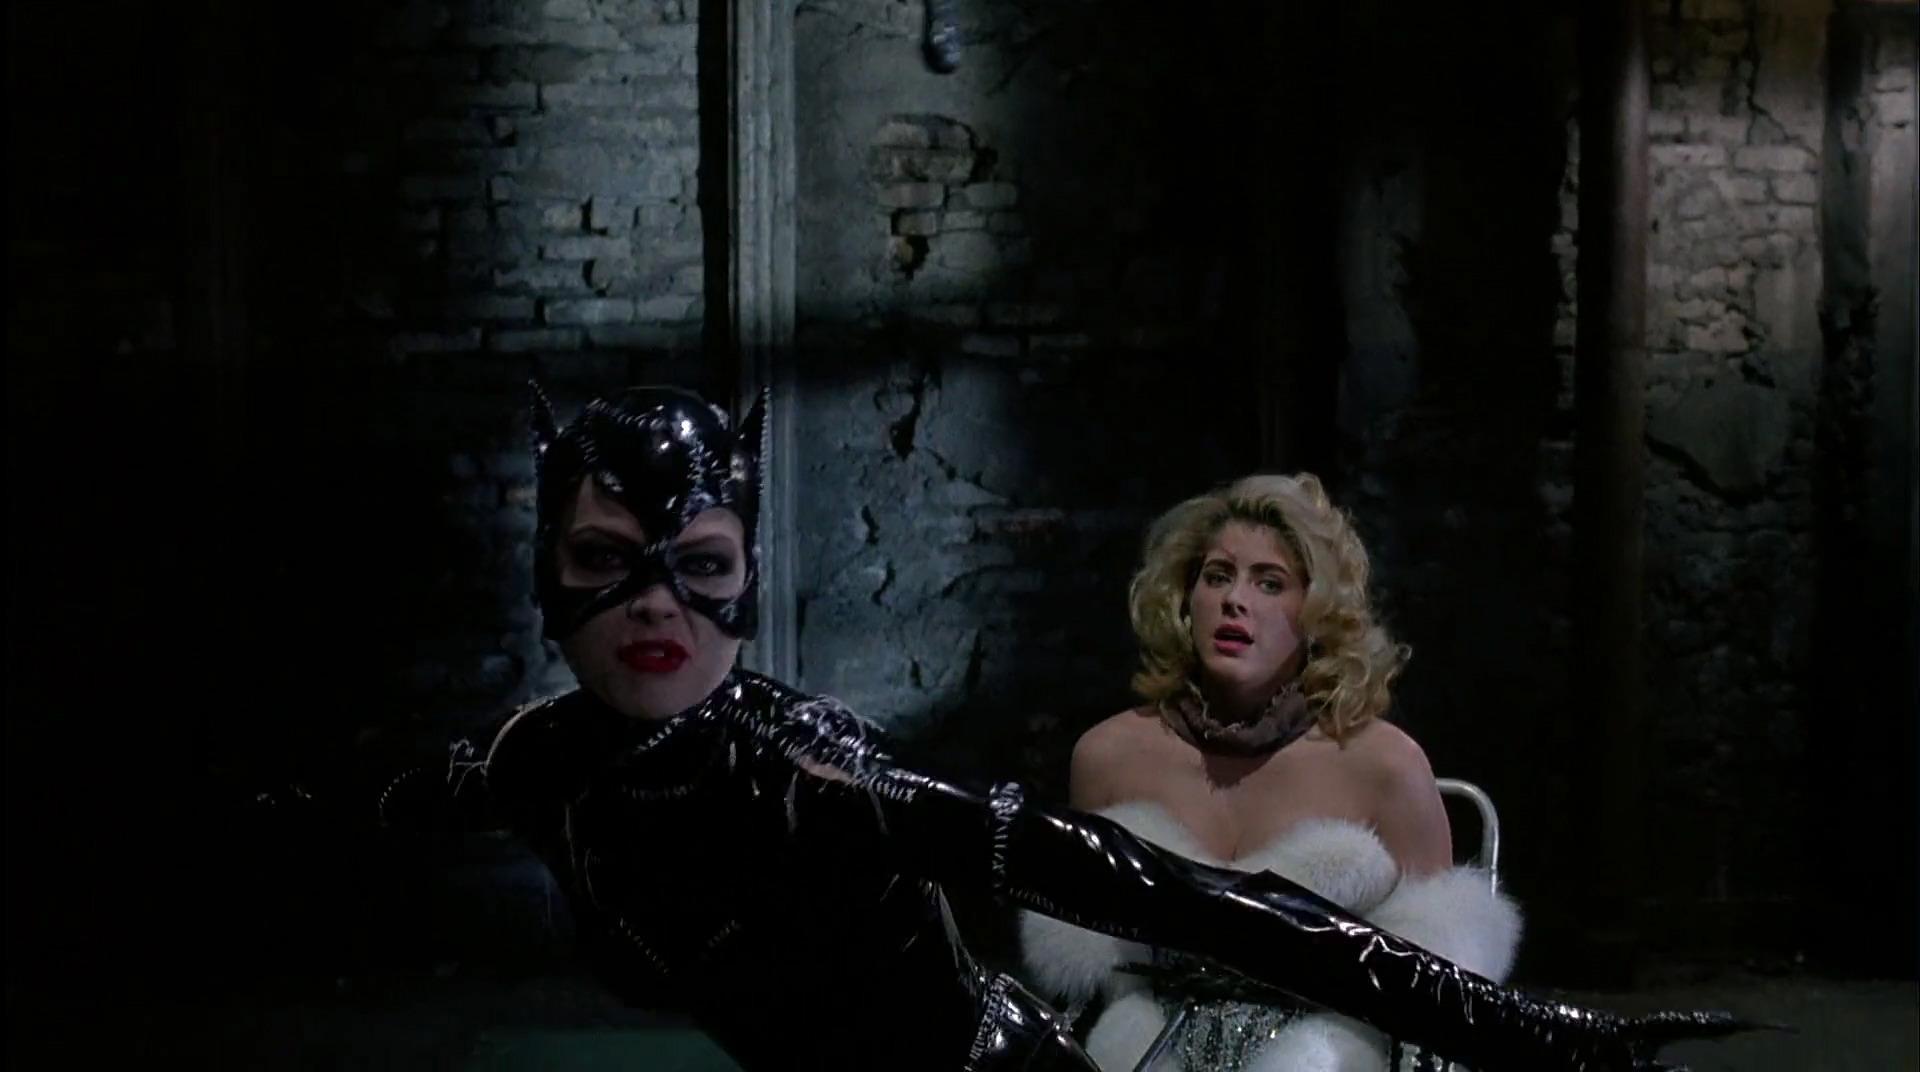 Batman-returns-disneyscreencaps.com-8838.jpg